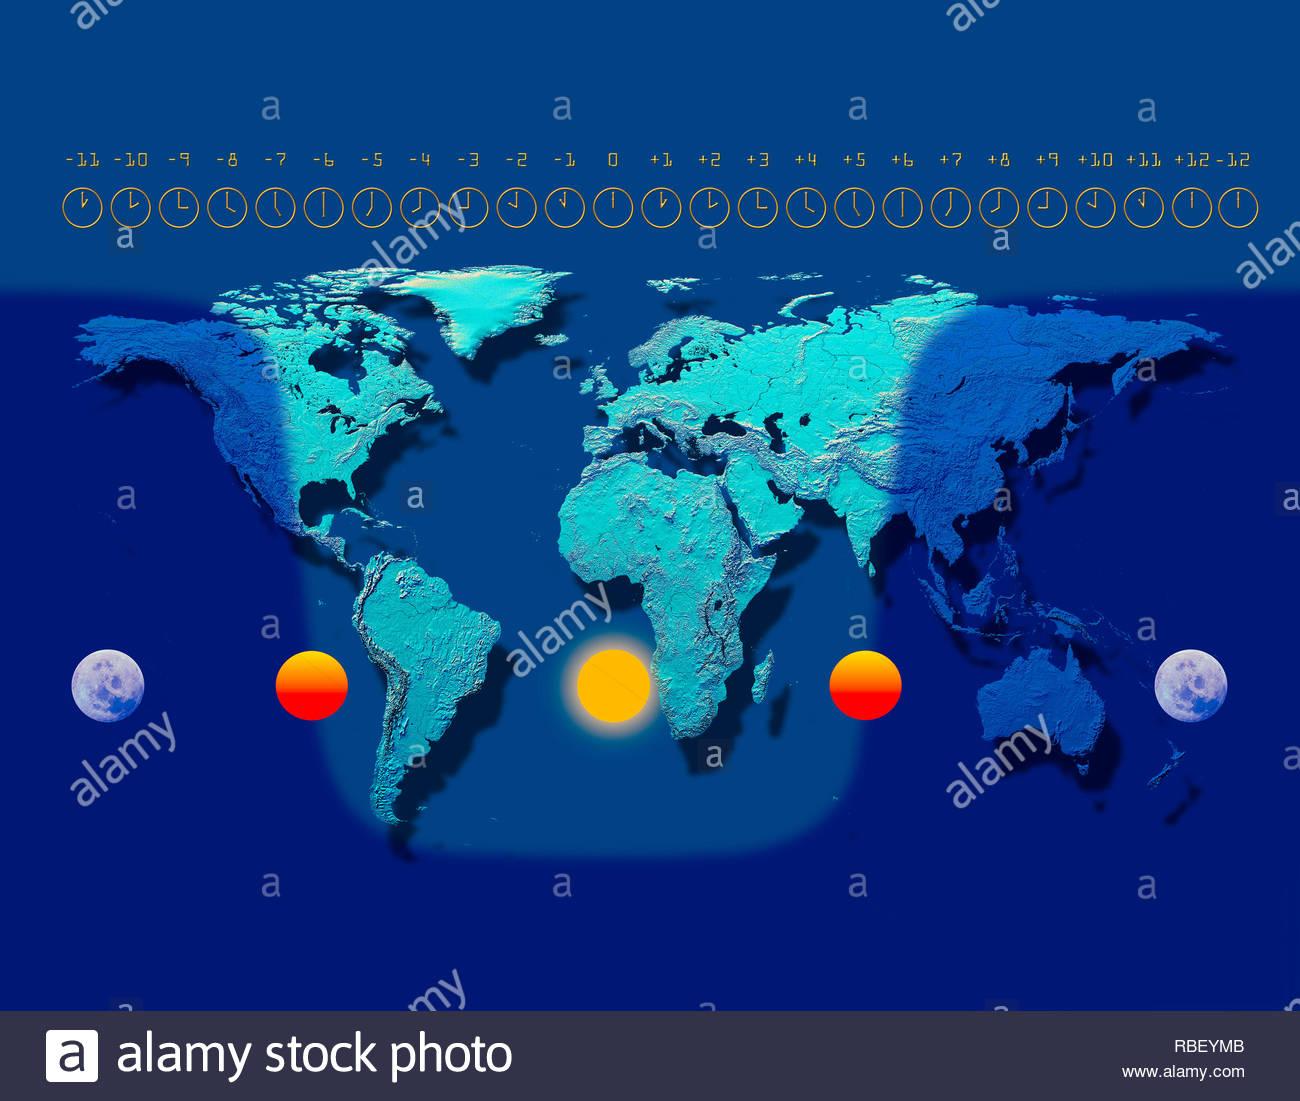 Time Zone Map Immagini E Fotos Stock